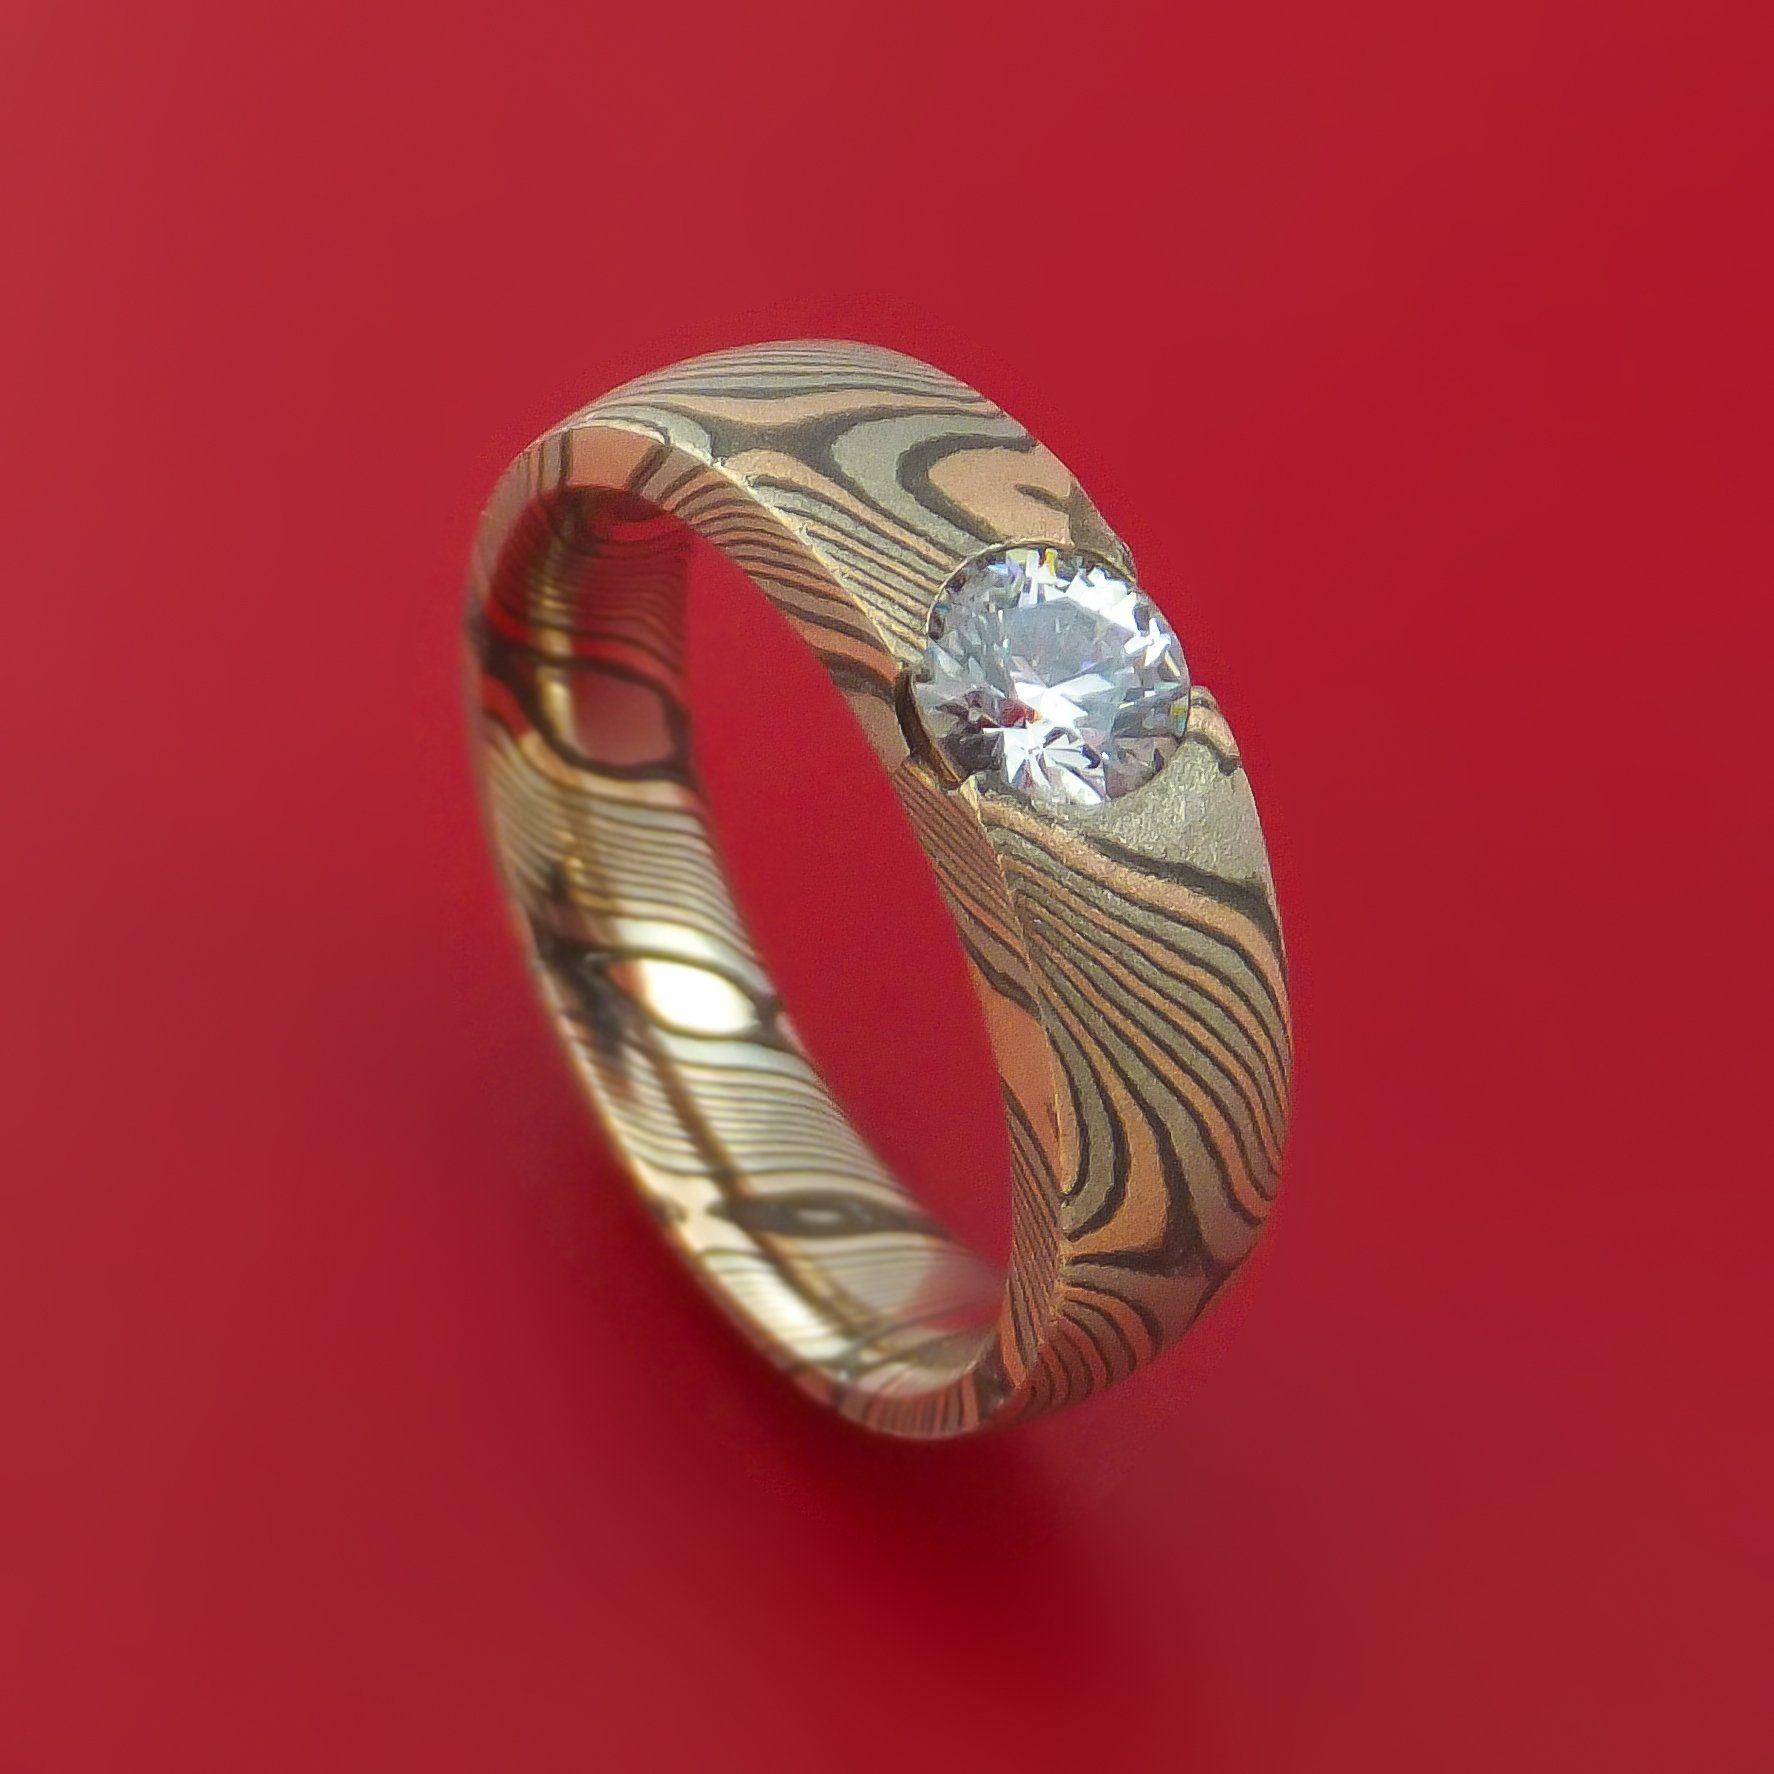 Mokume Gane Ring with Lannyte Custom Made Men's Wedding